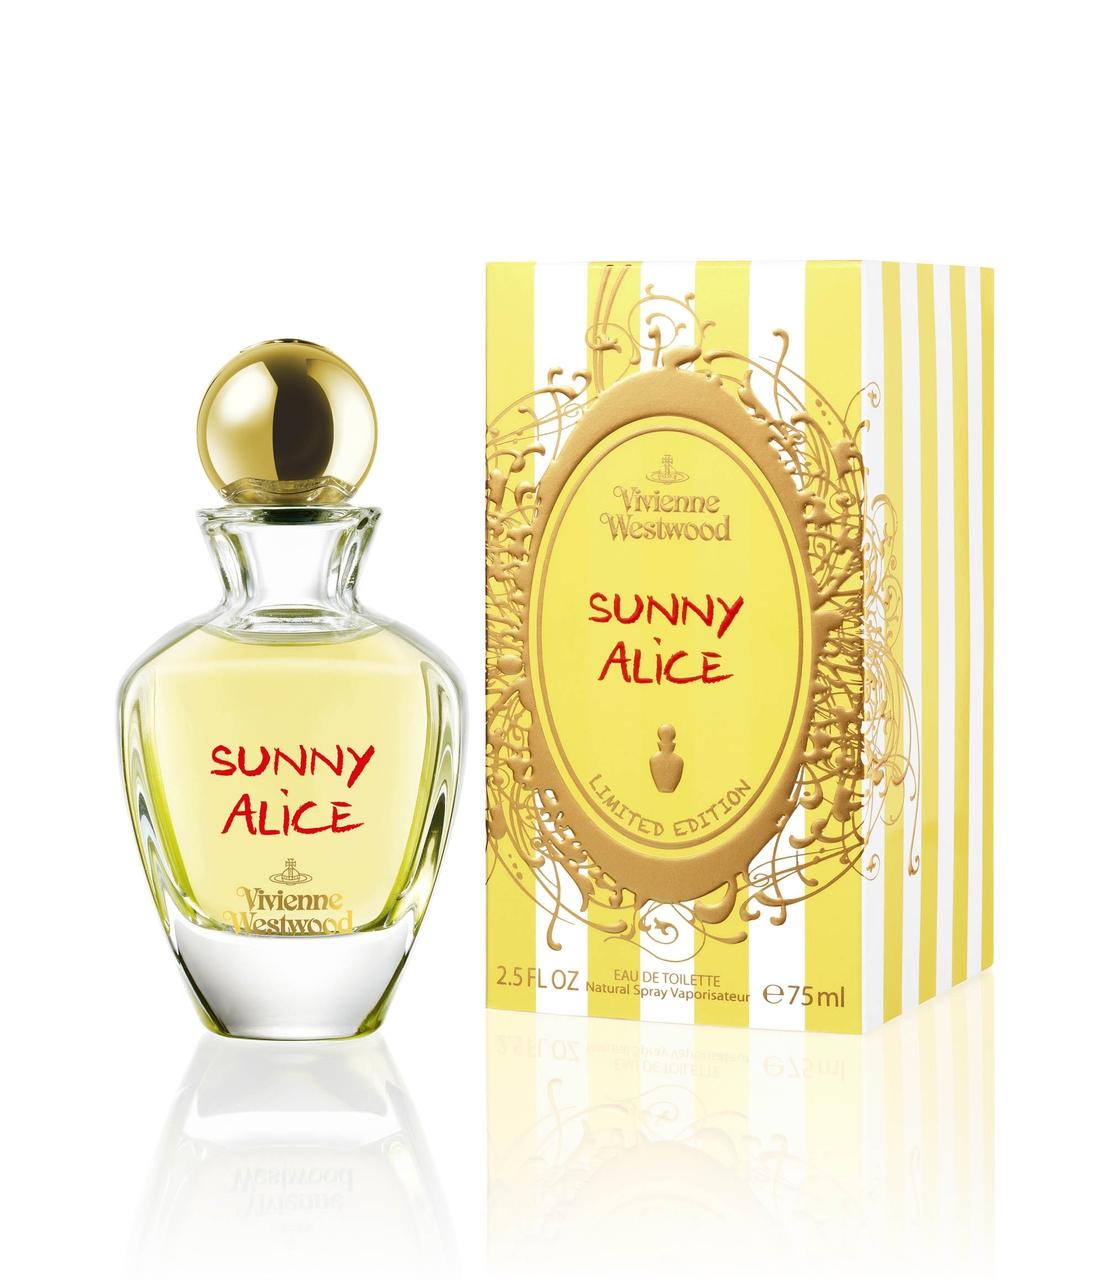 SUNNY ALICE L.E (75ml)